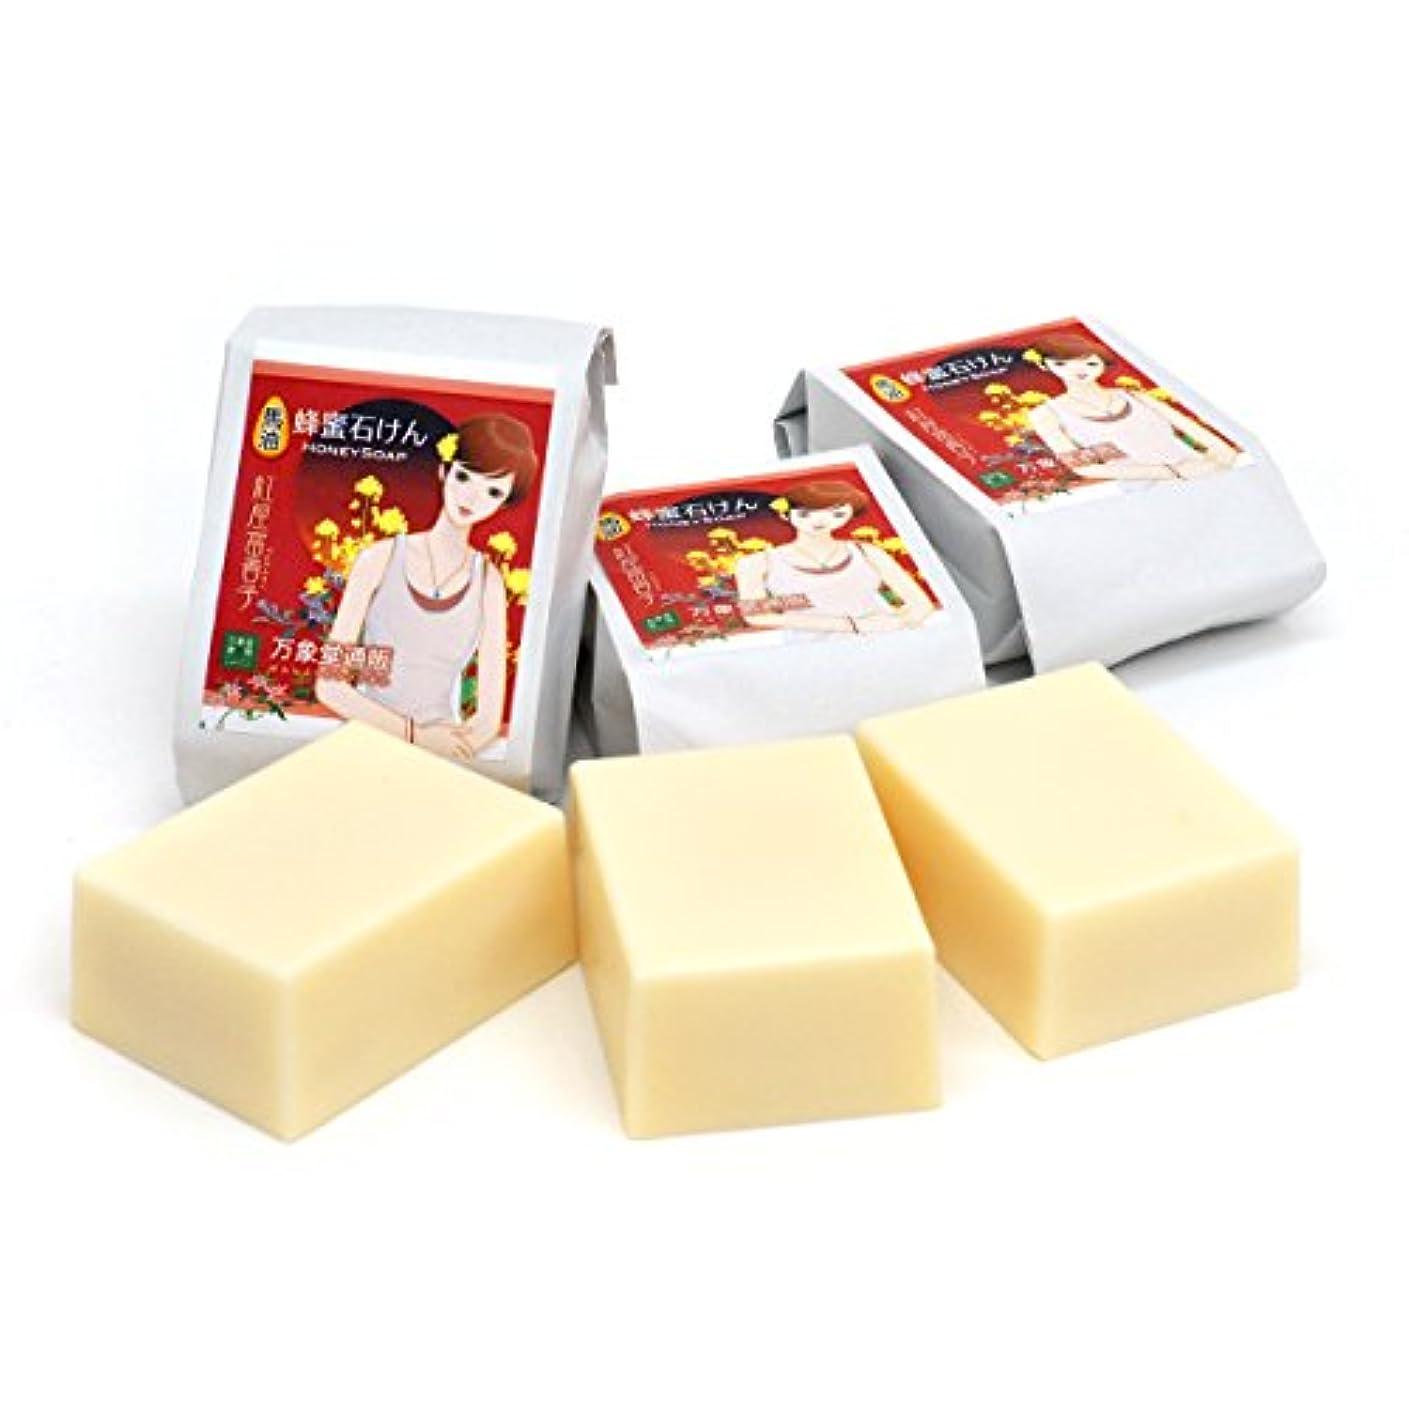 くすぐったい回想幸福森羅万象堂 馬油石鹸 90g×3個 (国産)熊本県産 国産蜂蜜配合